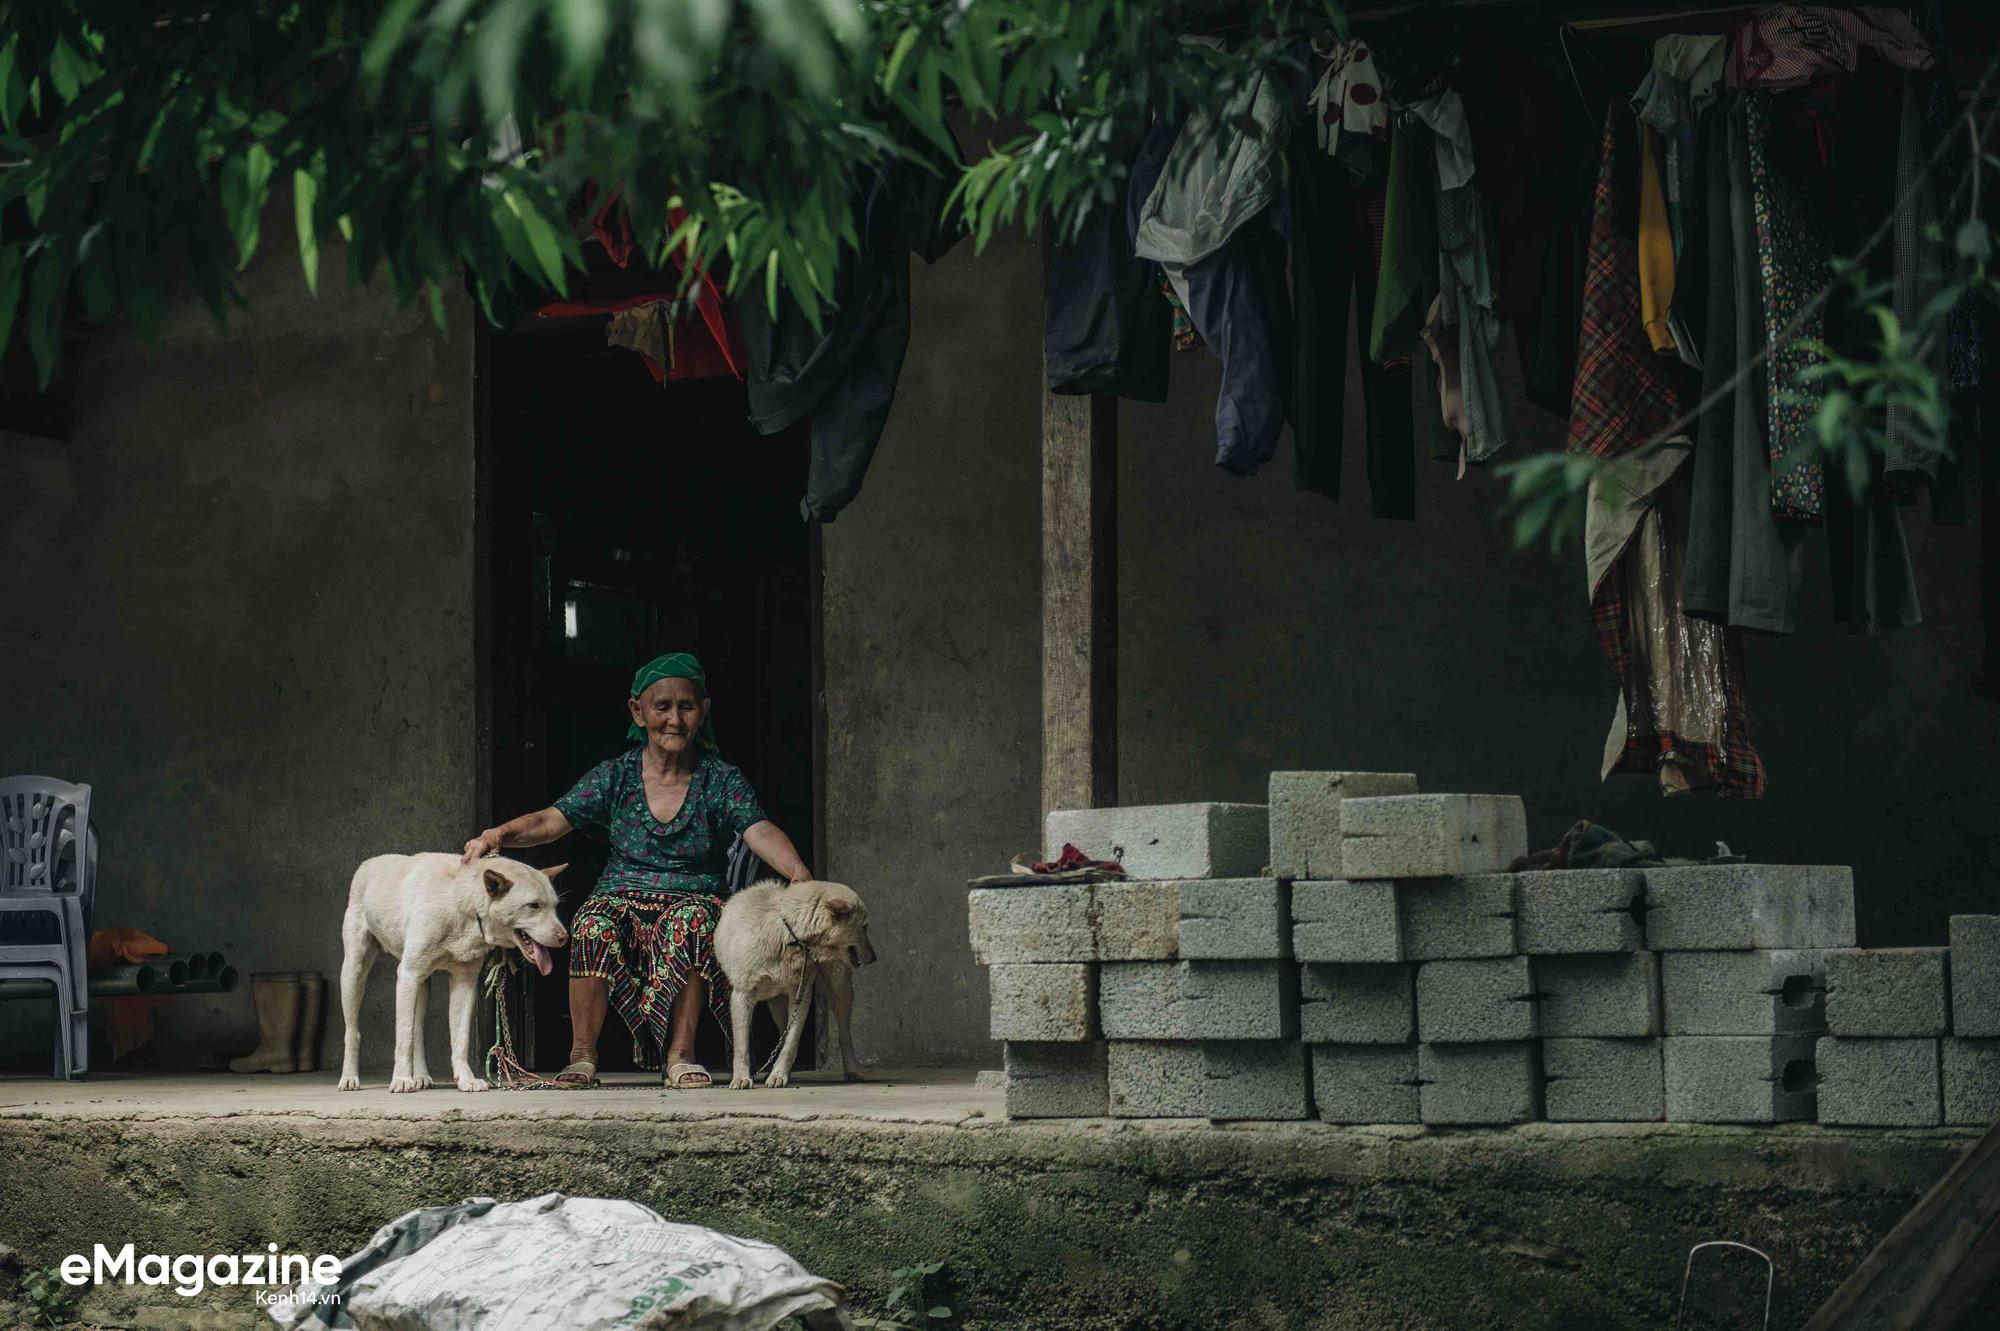 Cuộc đoàn tụ của cụ bà và con chó Cưng ở Hà Giang: Chó về rồi, bà không khóc nữa - Ảnh 4.